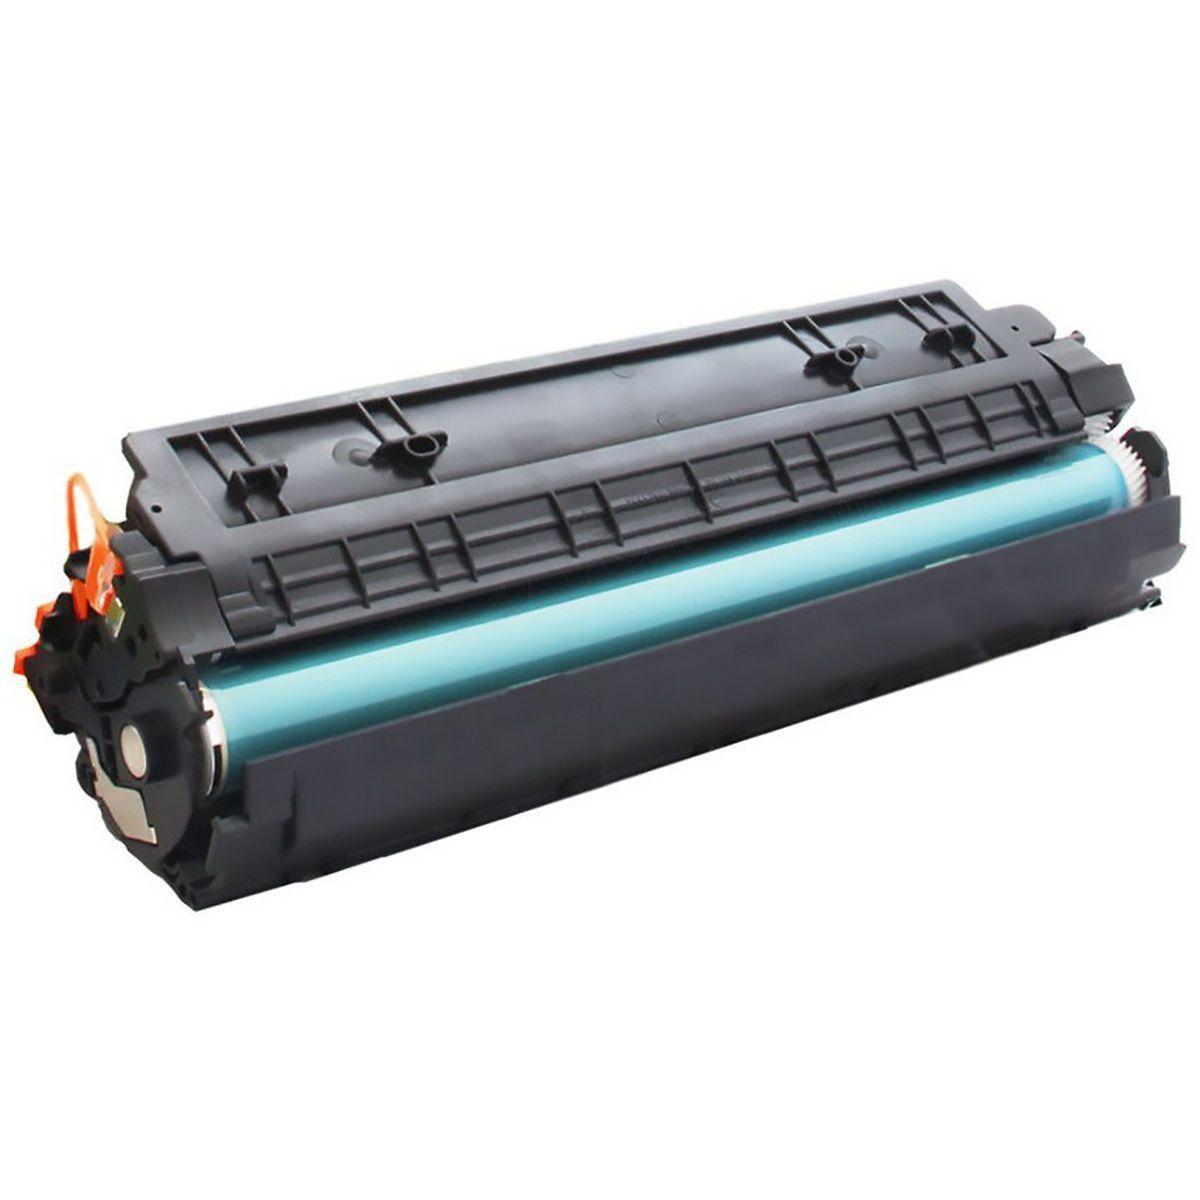 Compatível: Toner para impressora HP P1102w P1102 P 1102w P 1102 / Preto / 1.800